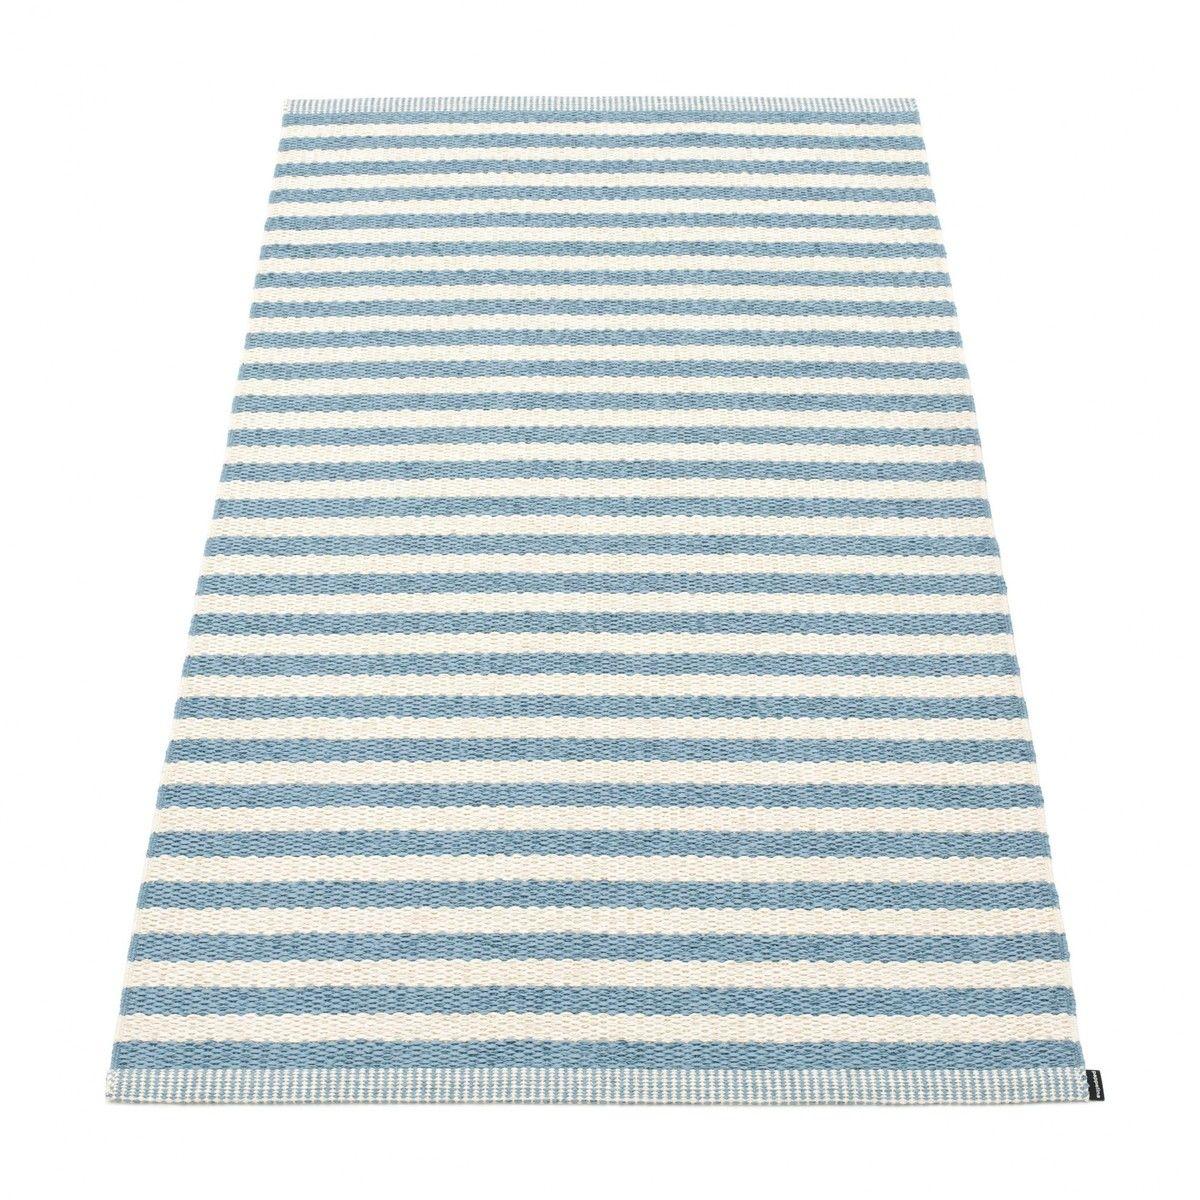 Duo Teppich 85x160cm  pappelina  Teppiche  Textilien